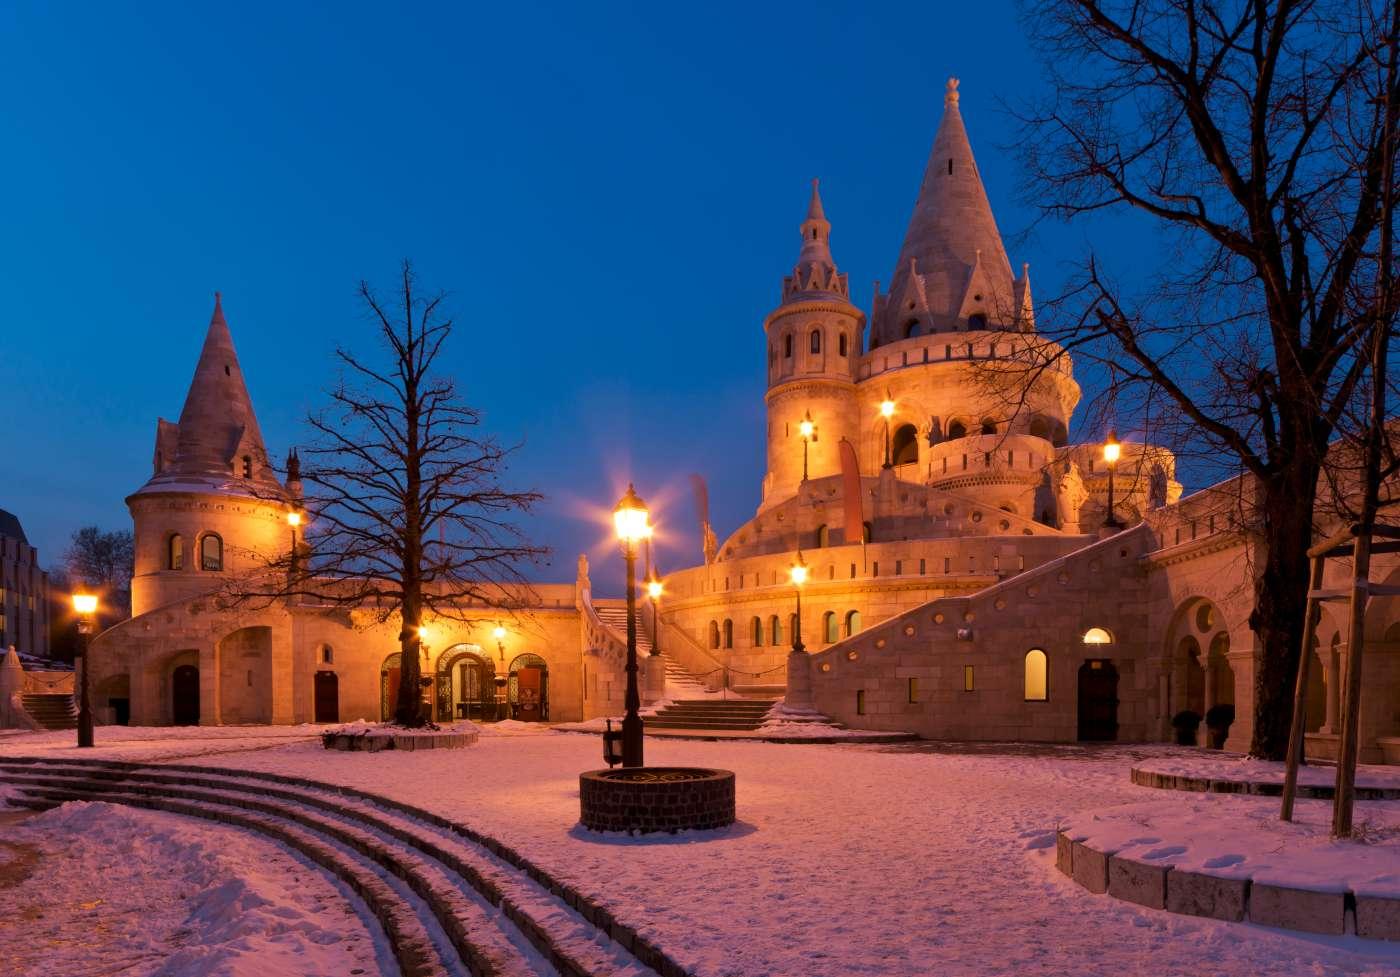 Αποτέλεσμα εικόνας για Βουδαπέστη χειμωνας